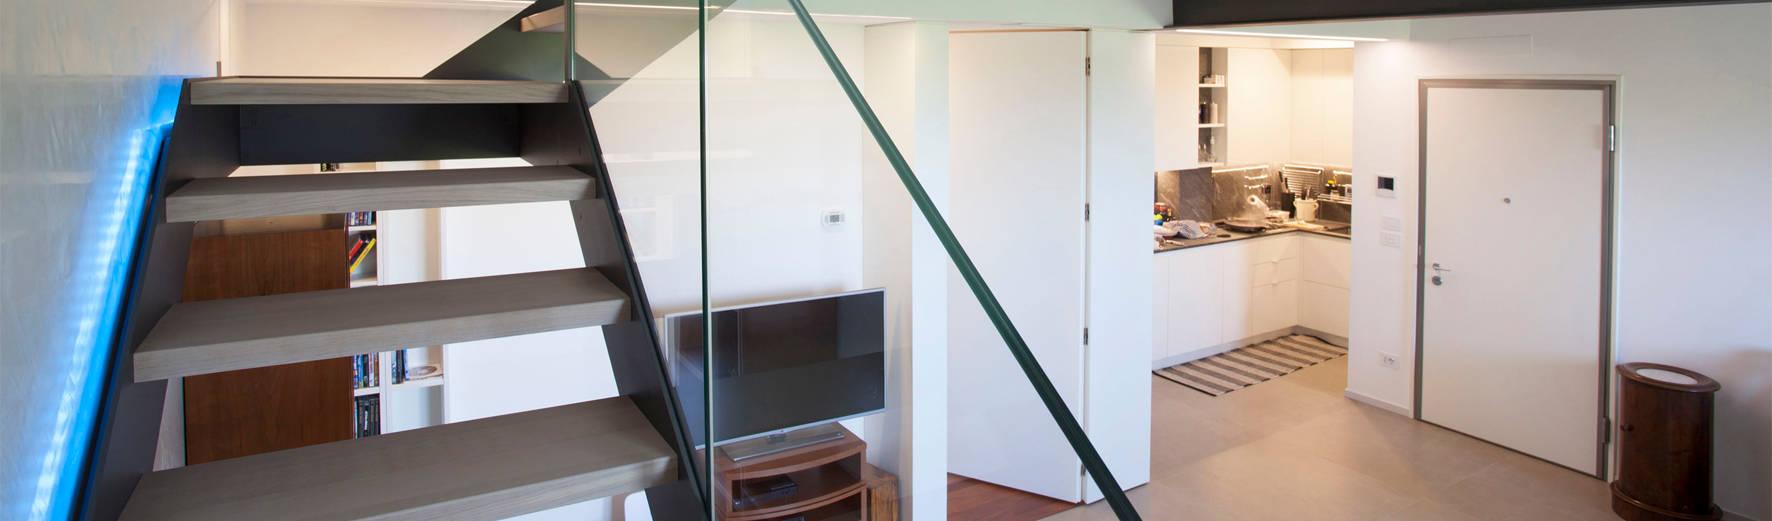 Studio Dalla Vecchia Ing&Arch Associati